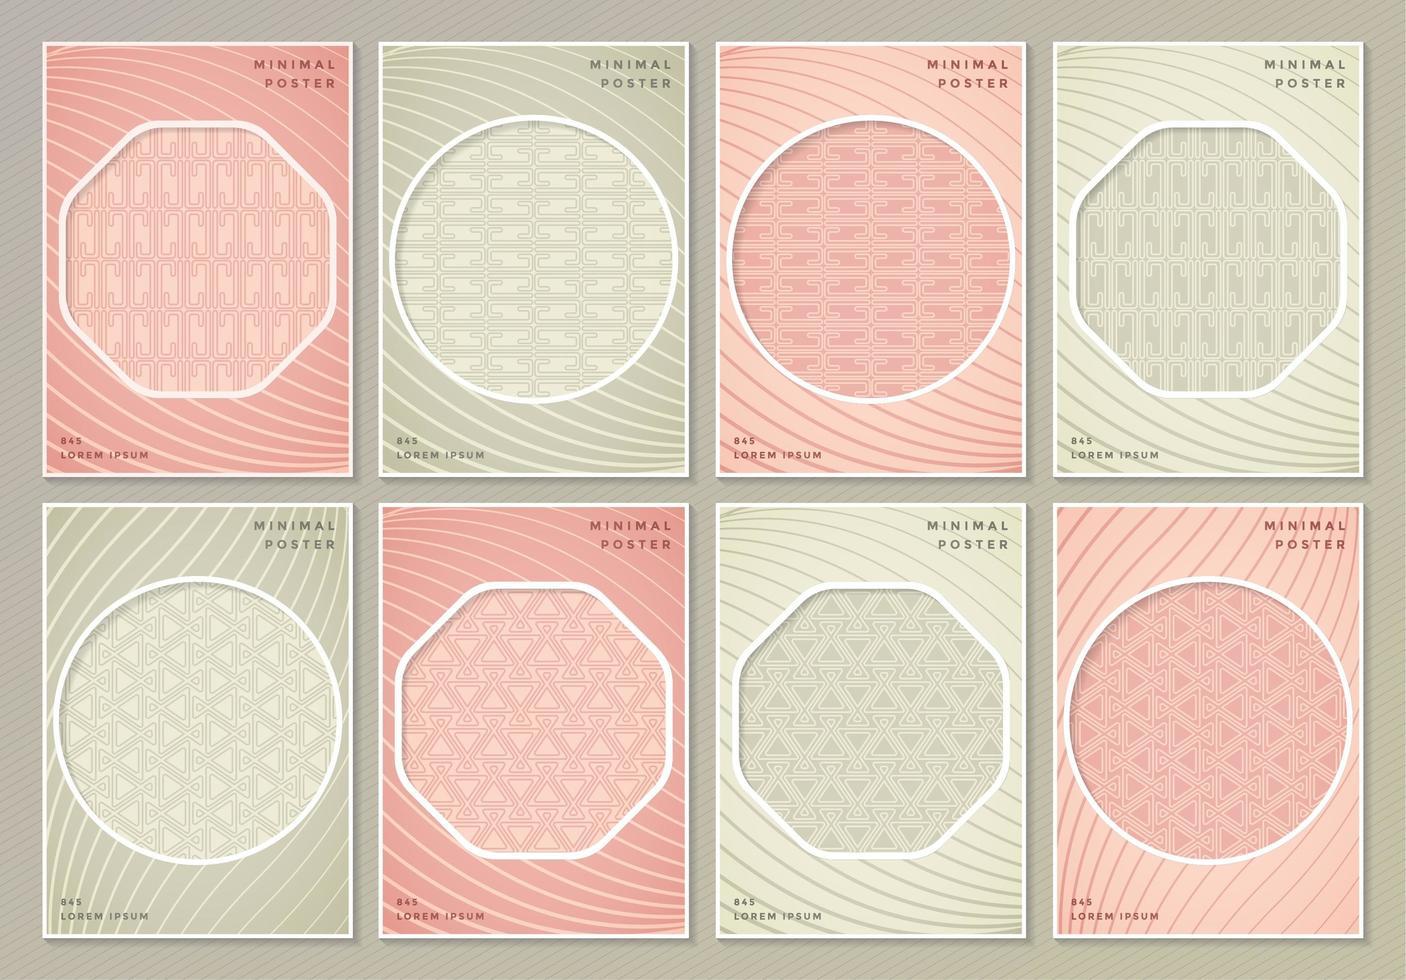 abstrakte retro farbige Mustertexturen für Buchumschläge vektor